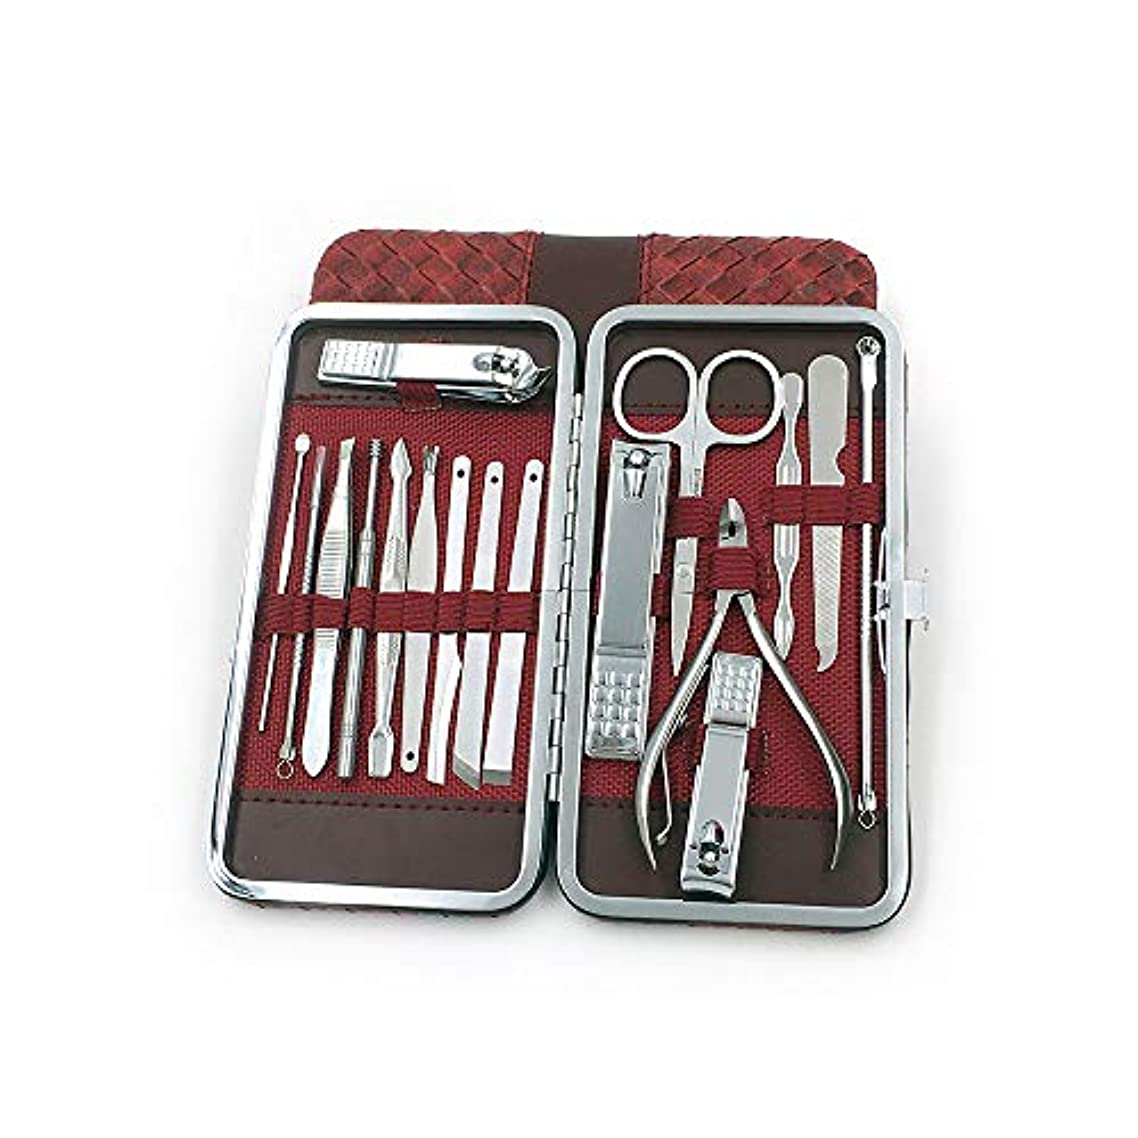 鰐接辞七面鳥ステンレス爪切りセット携帯便利男女兼用 爪切りセット収納ケース付き、赤、16点セット